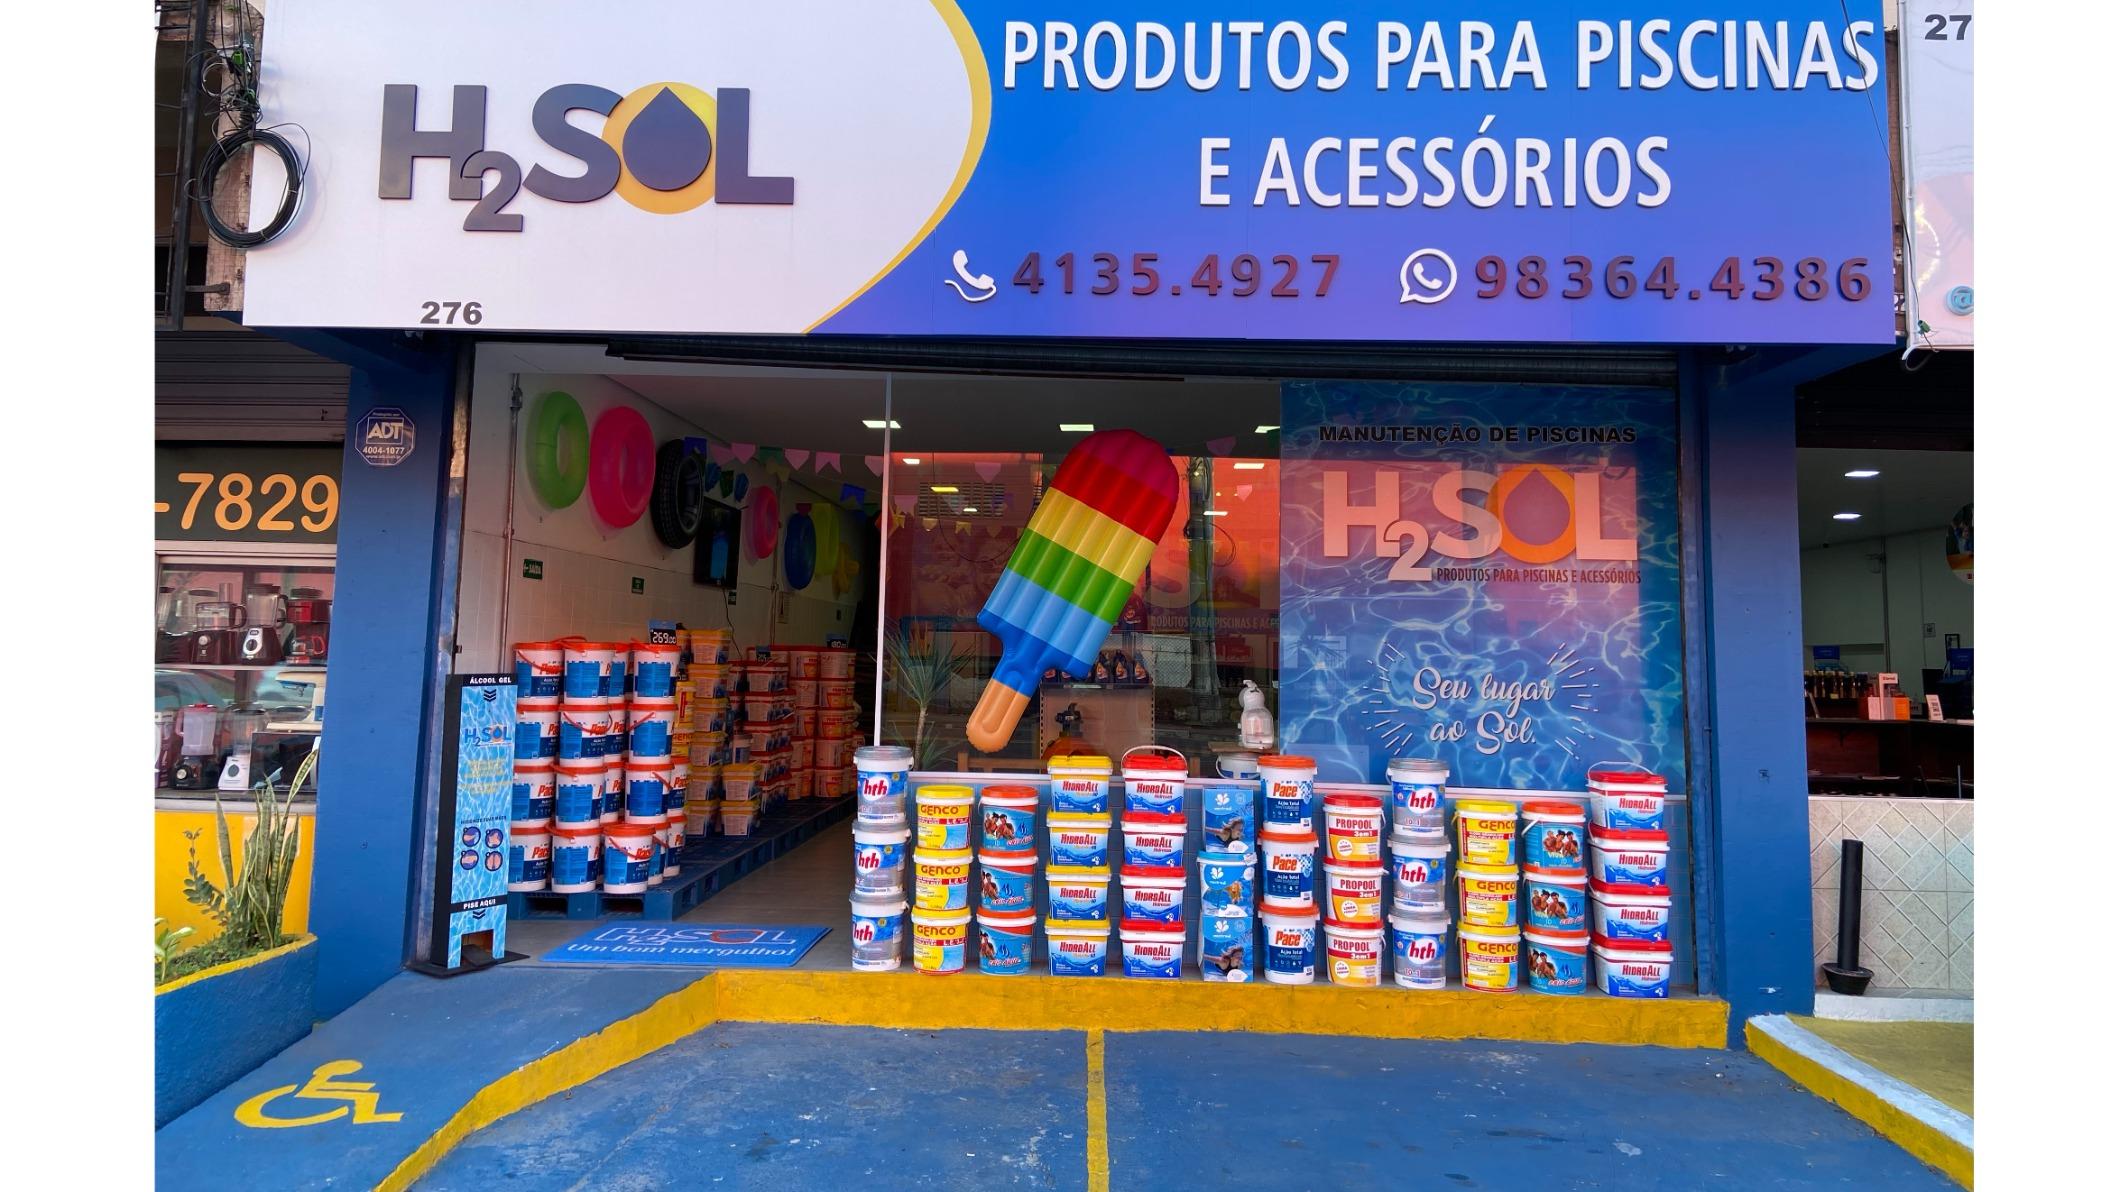 H2Sol Piscinas